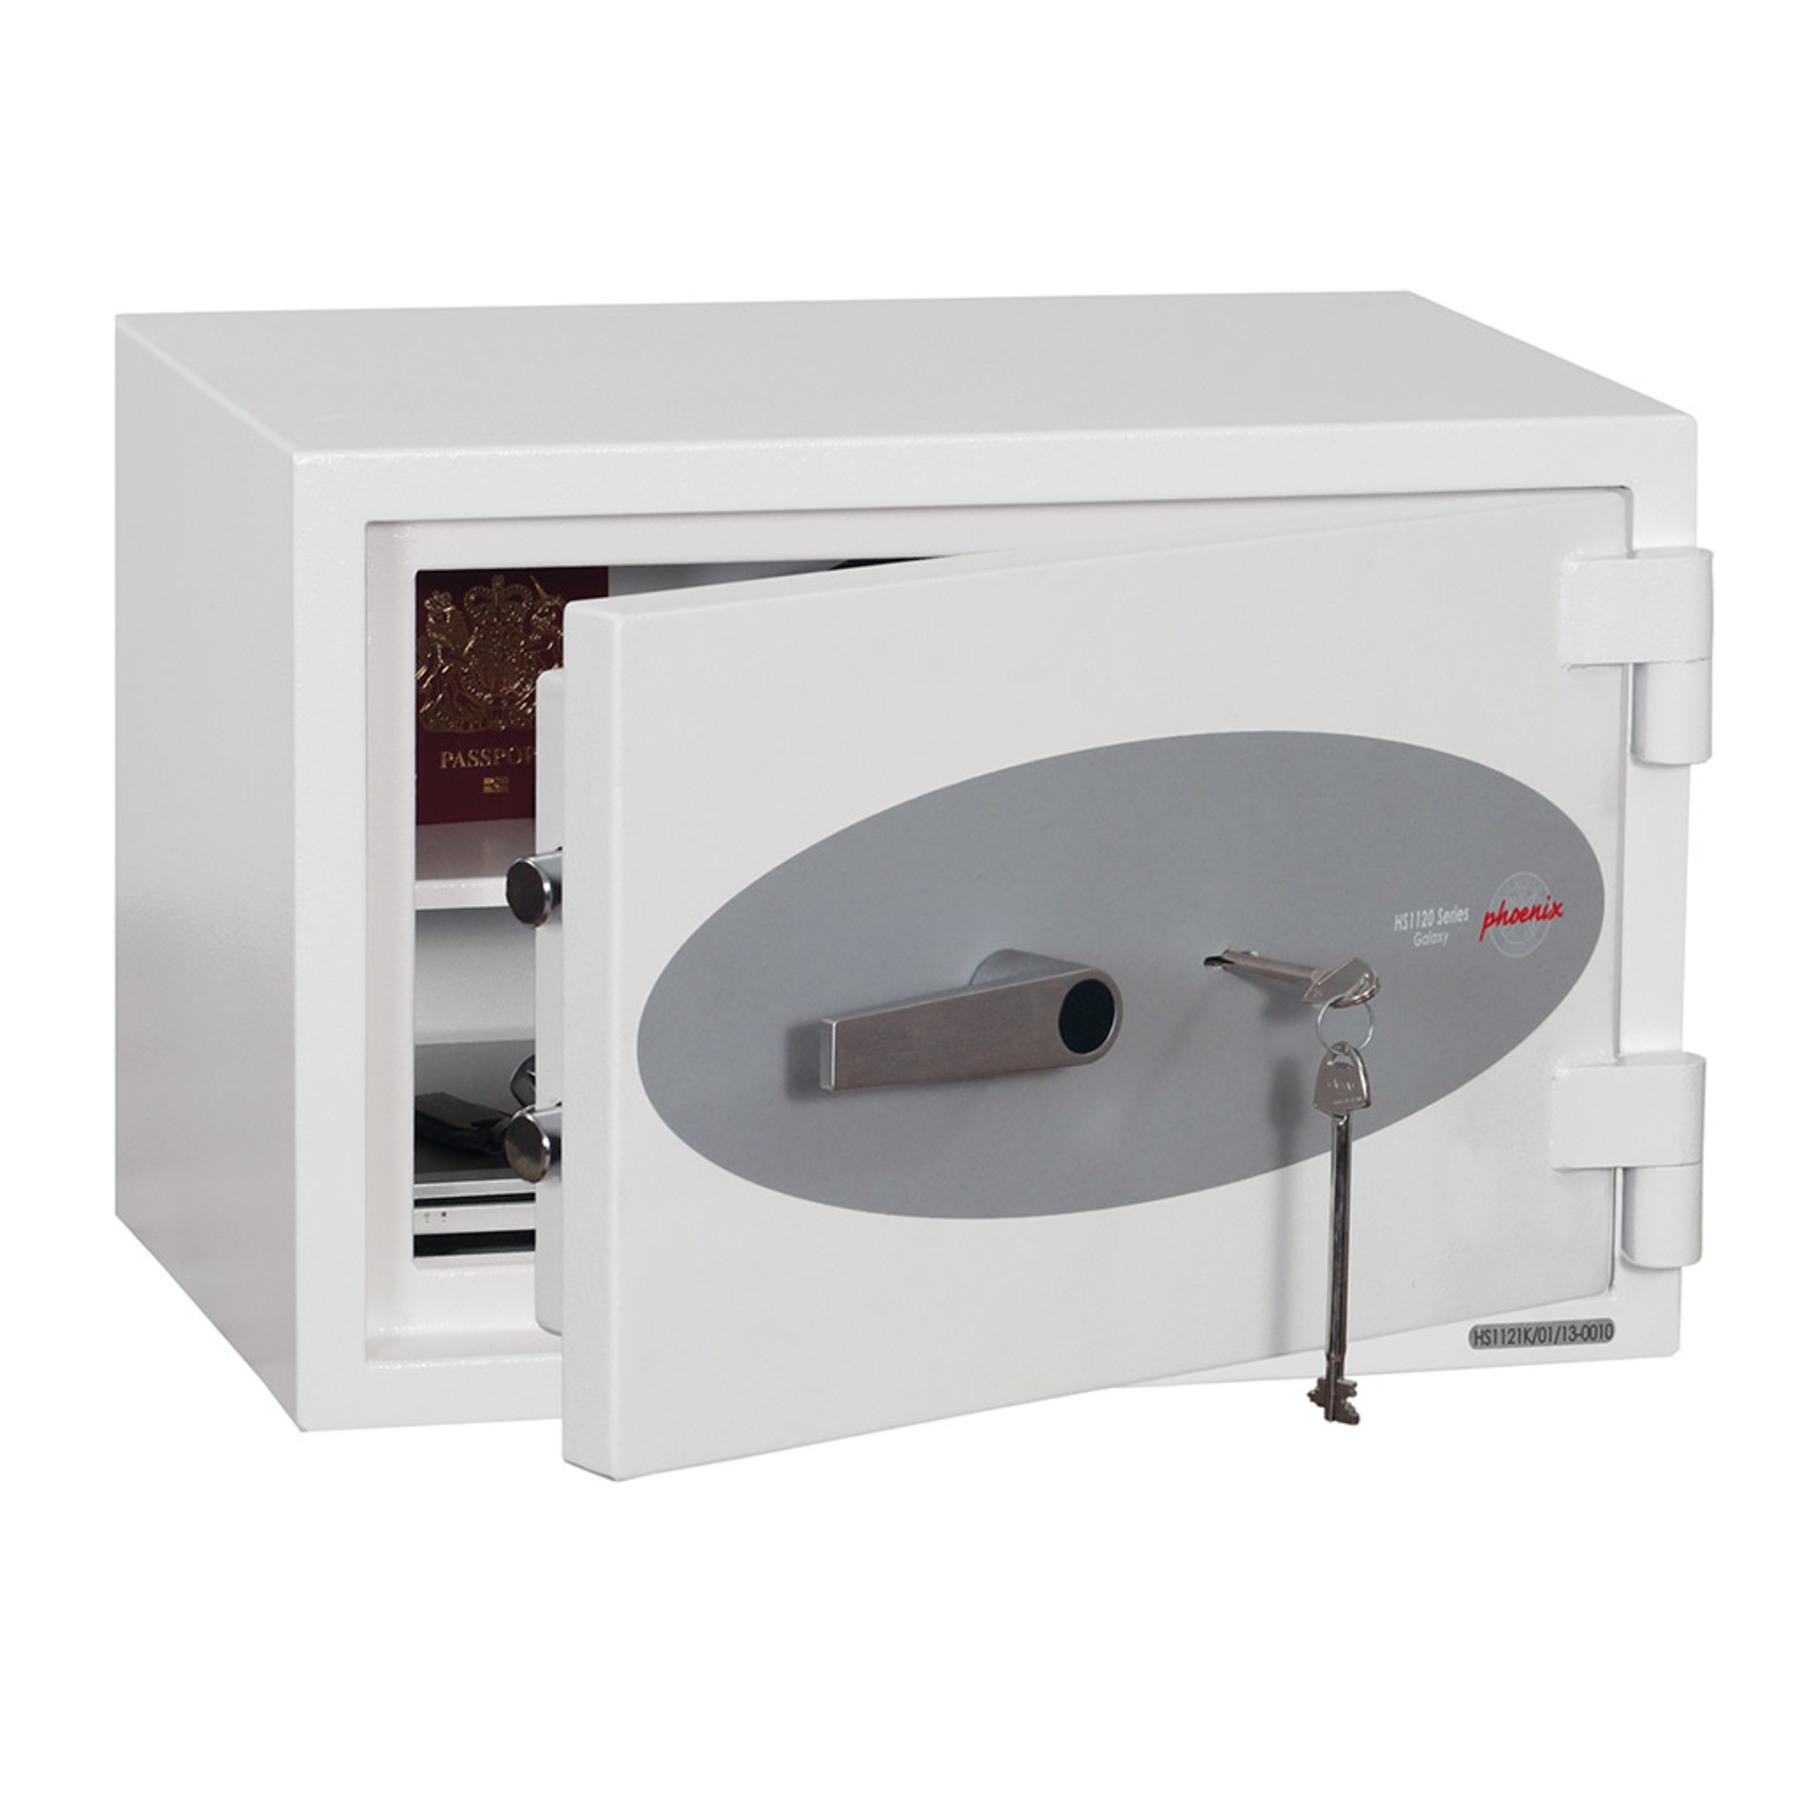 Buy Safes Online Ireland | Domestic Safes | Fireproof Safes